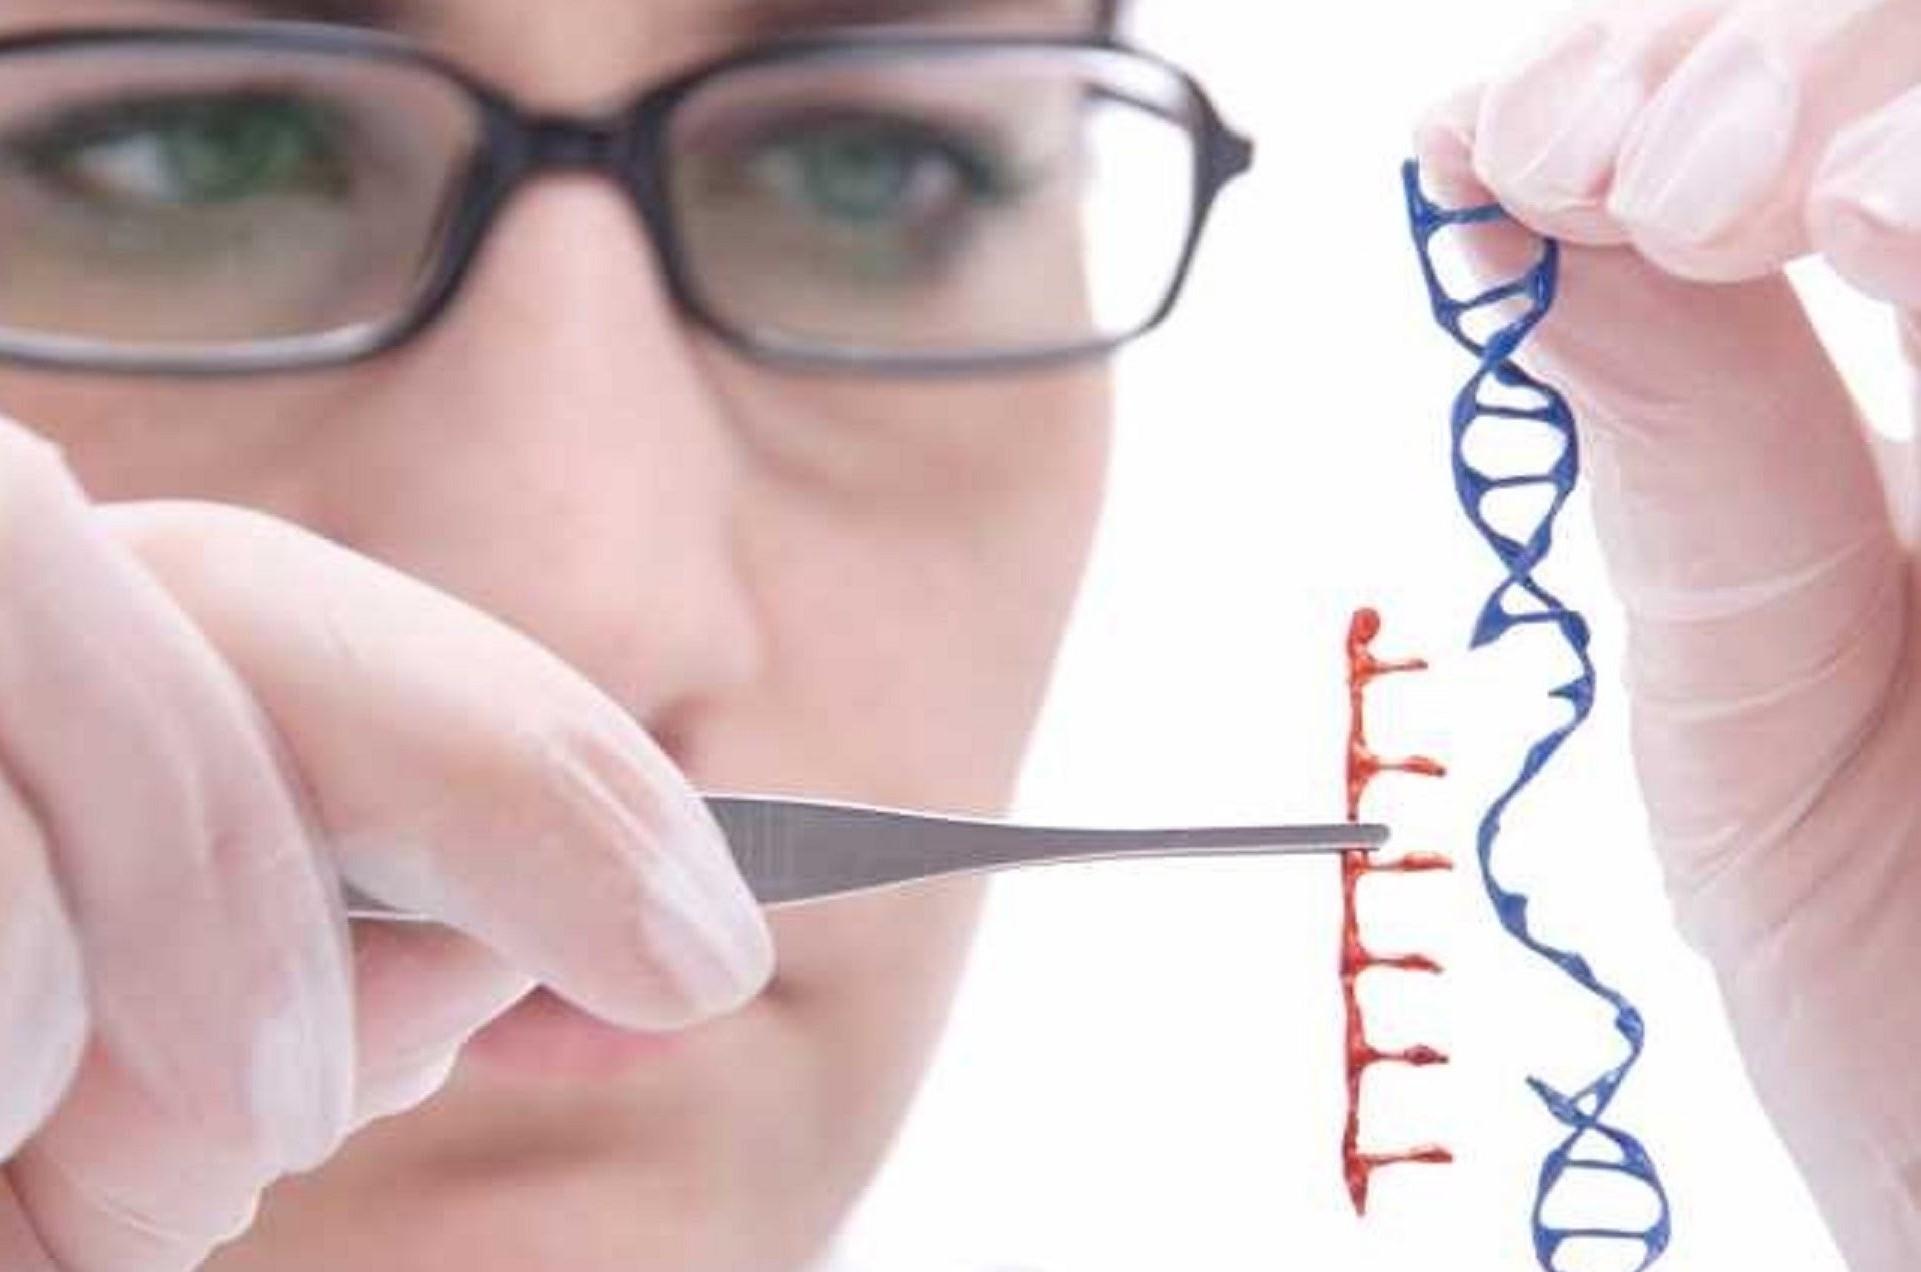 Edición genética. Científicos chinos anuncian haber utilizado CRISPR/Cas9 para introducir modificacion genética que confiere resistencia al virus del SIDA